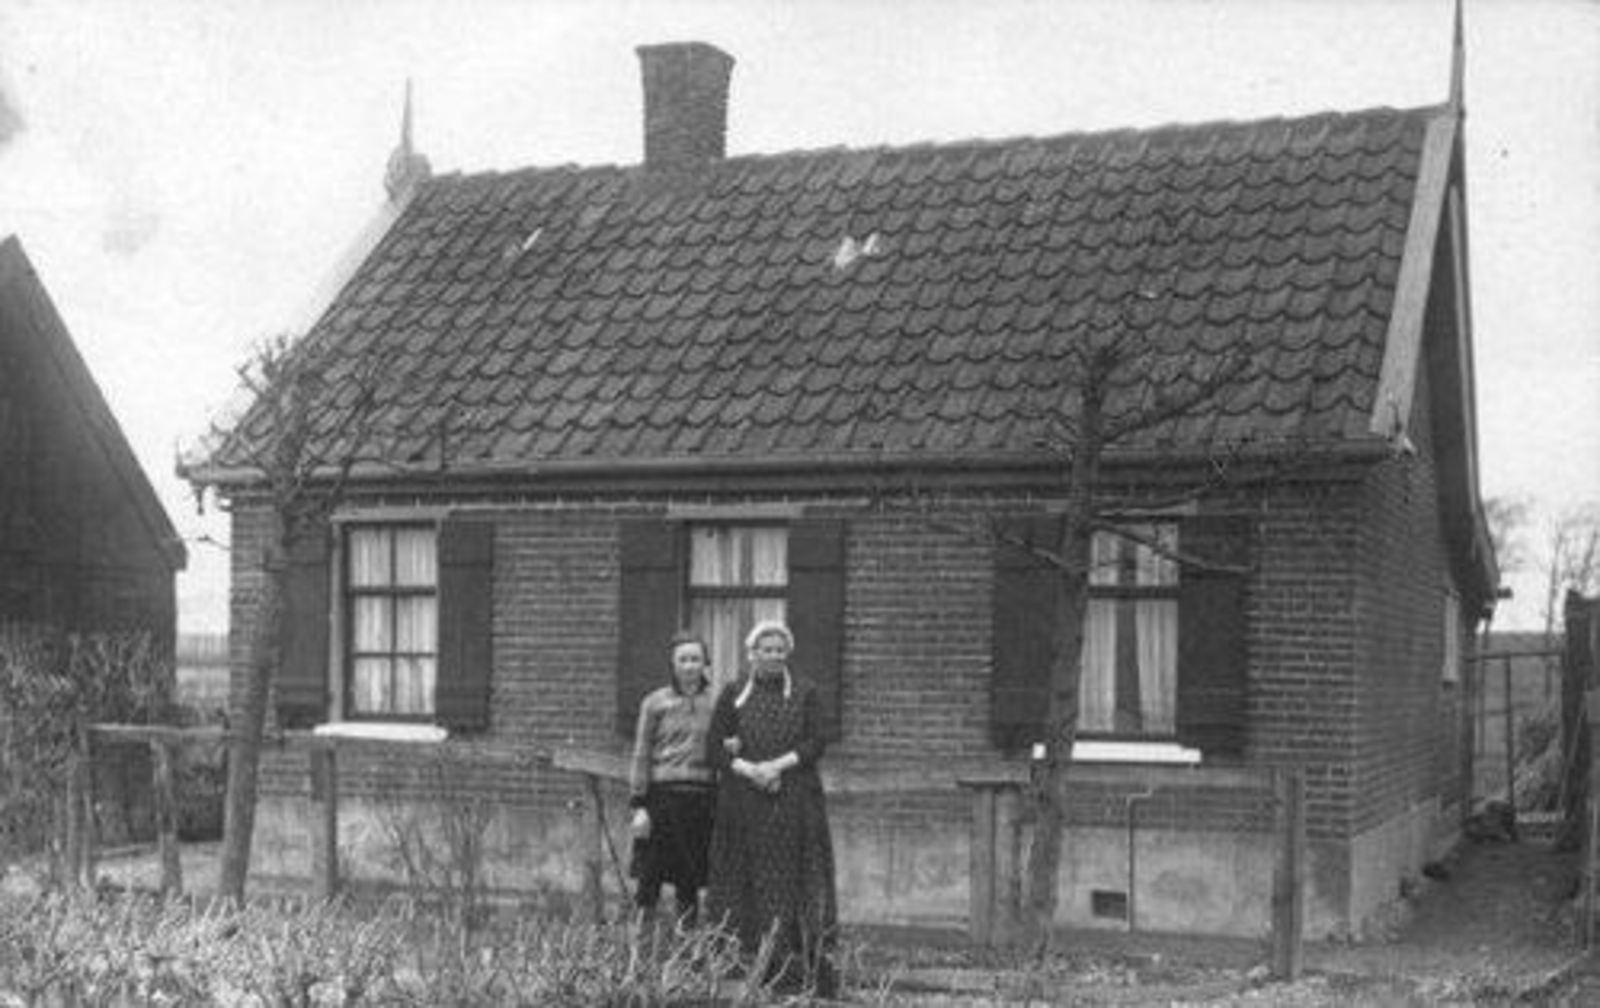 Kruisweg N 1201 19__ Huize K M Geluk 03 en Apolona Geluk 1915-2007